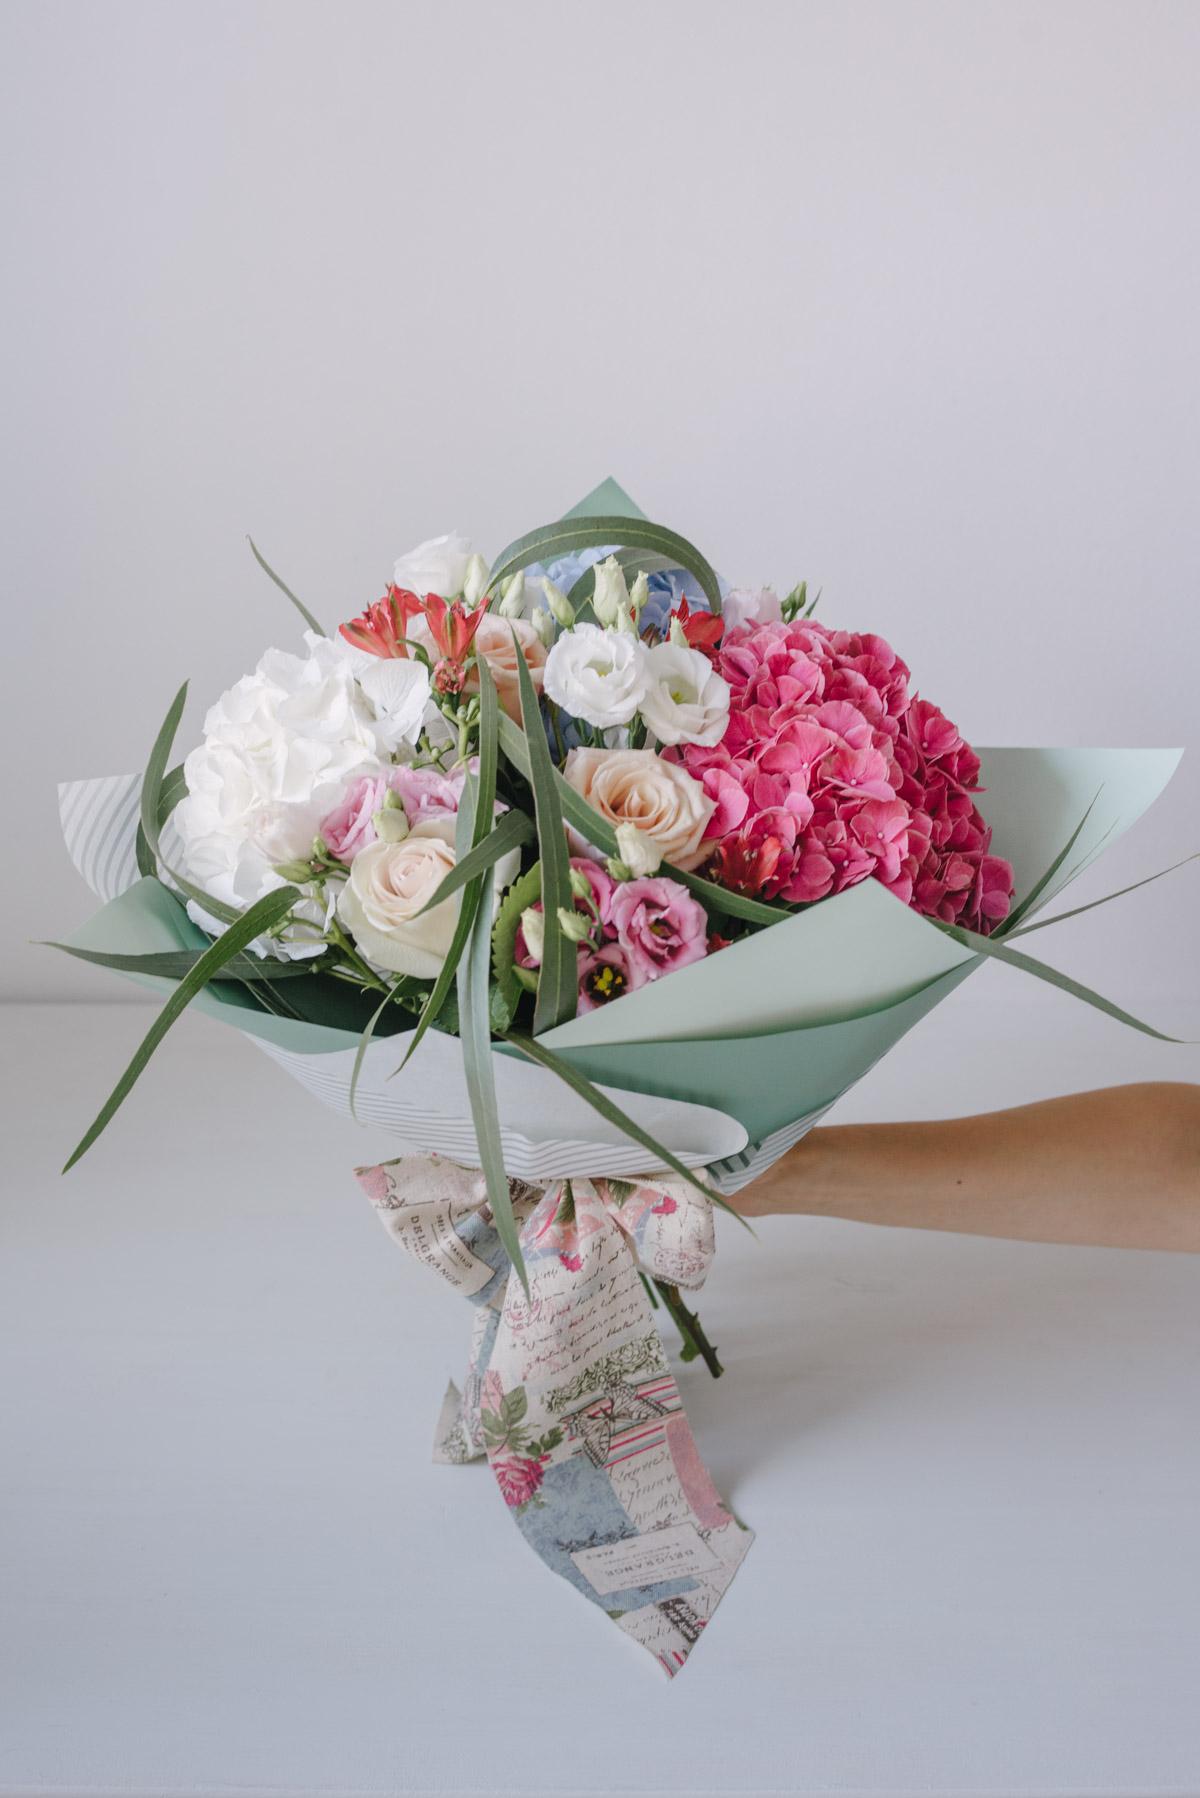 Buchet De Flori Cu Eucalipt În Ambalaj Bicolor